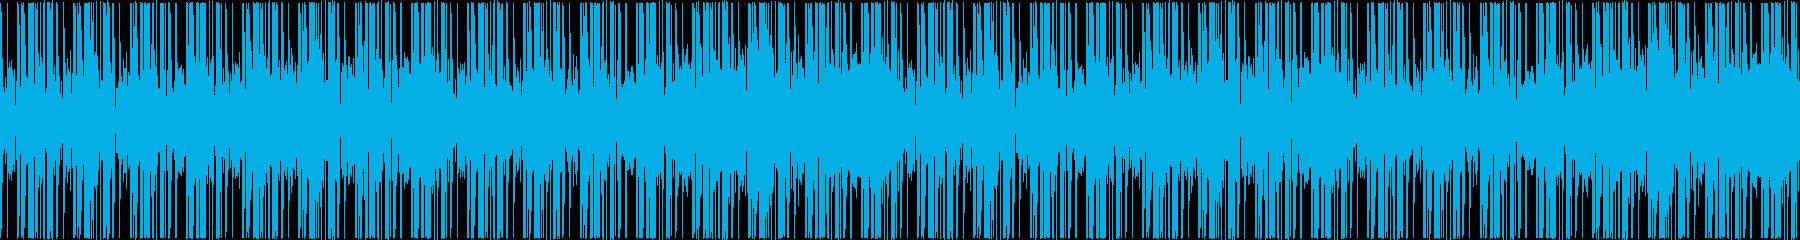 リズムのみの高音質トラック【ループ可】の再生済みの波形